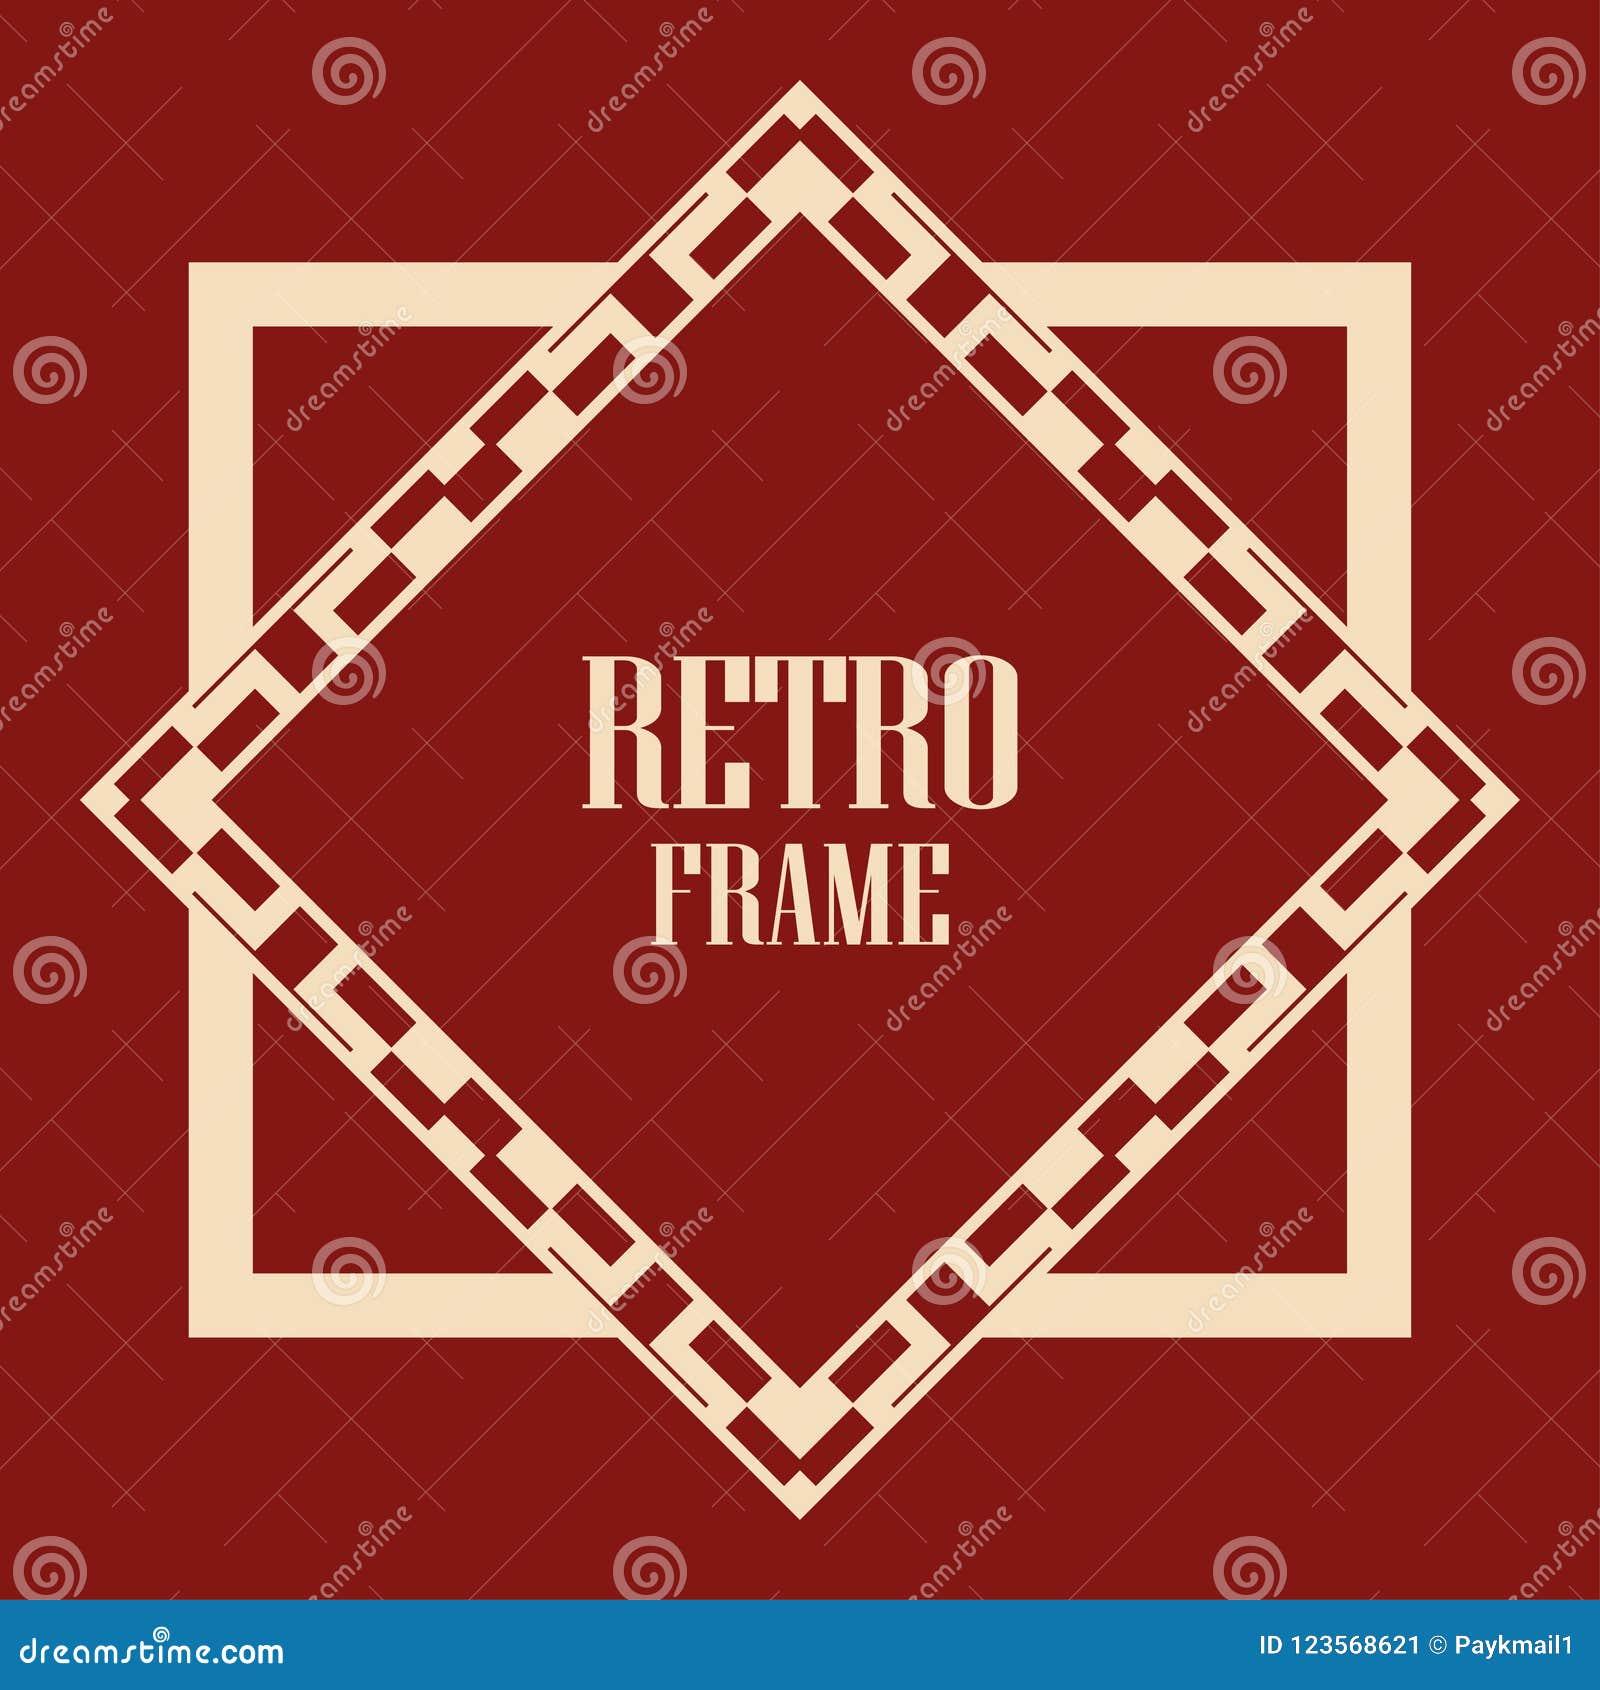 Art Deco Frame stock vector. Illustration of gatsby - 123568621